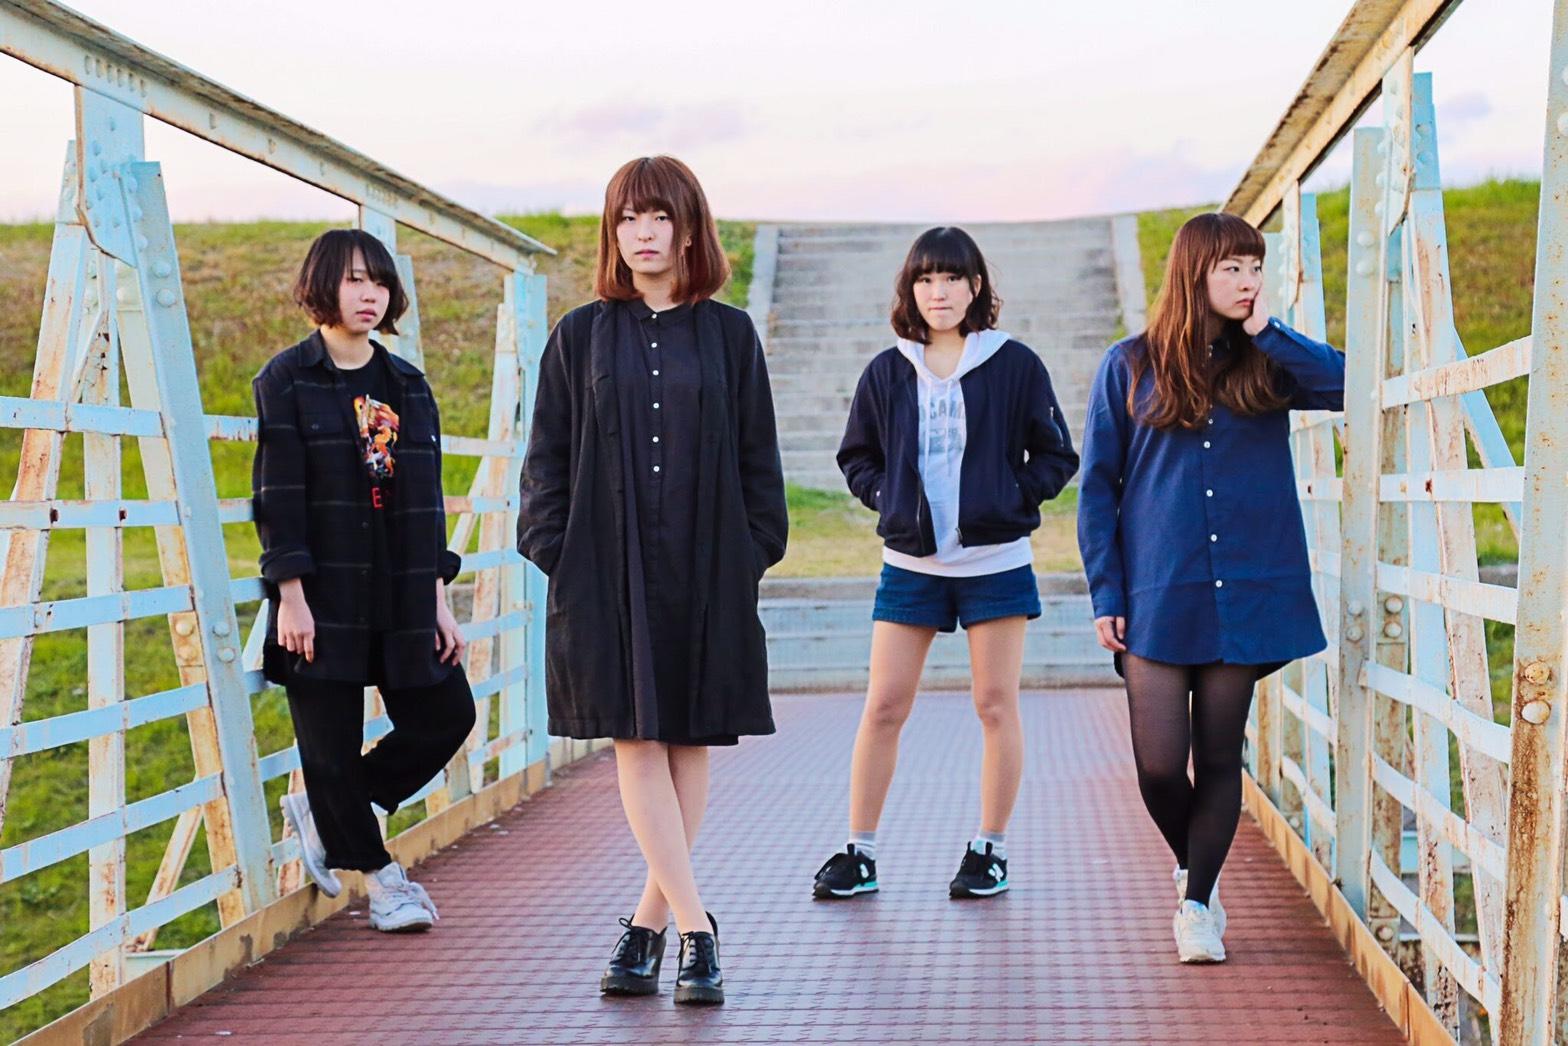 Split end presents. 夜遊びツアー幕開け〜新宿の夜〜